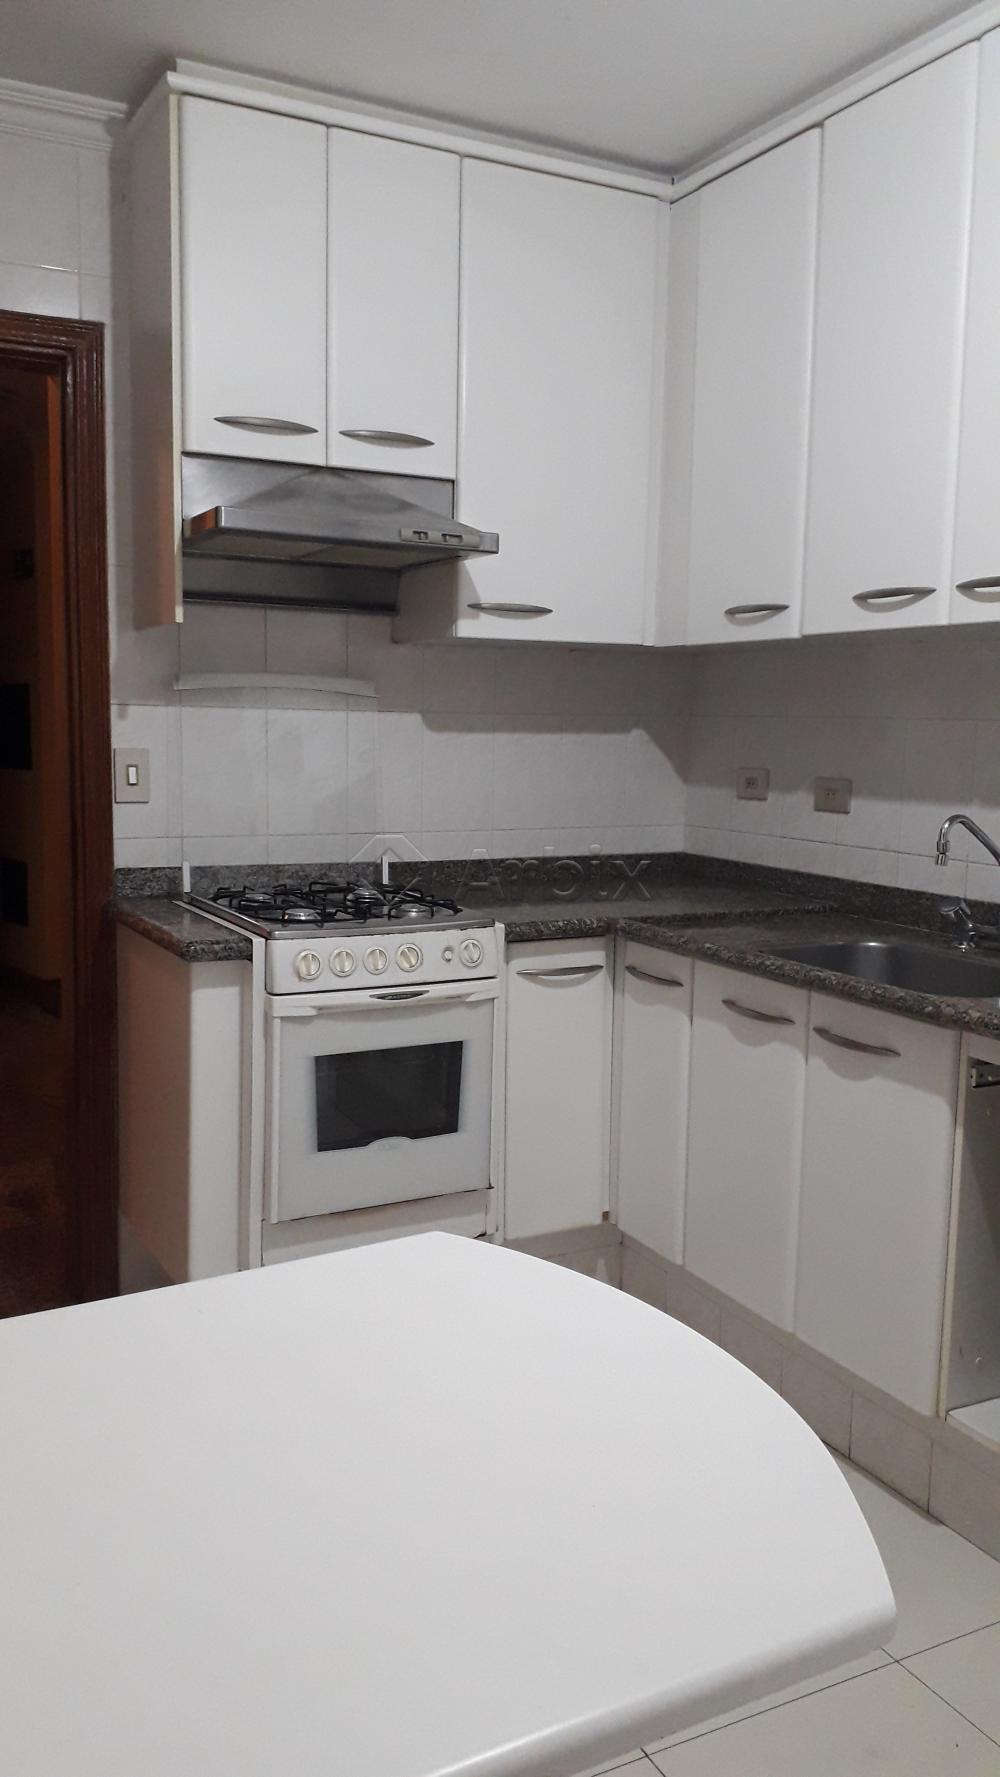 Alugar Apartamento / Padrão em Americana apenas R$ 1.200,00 - Foto 5